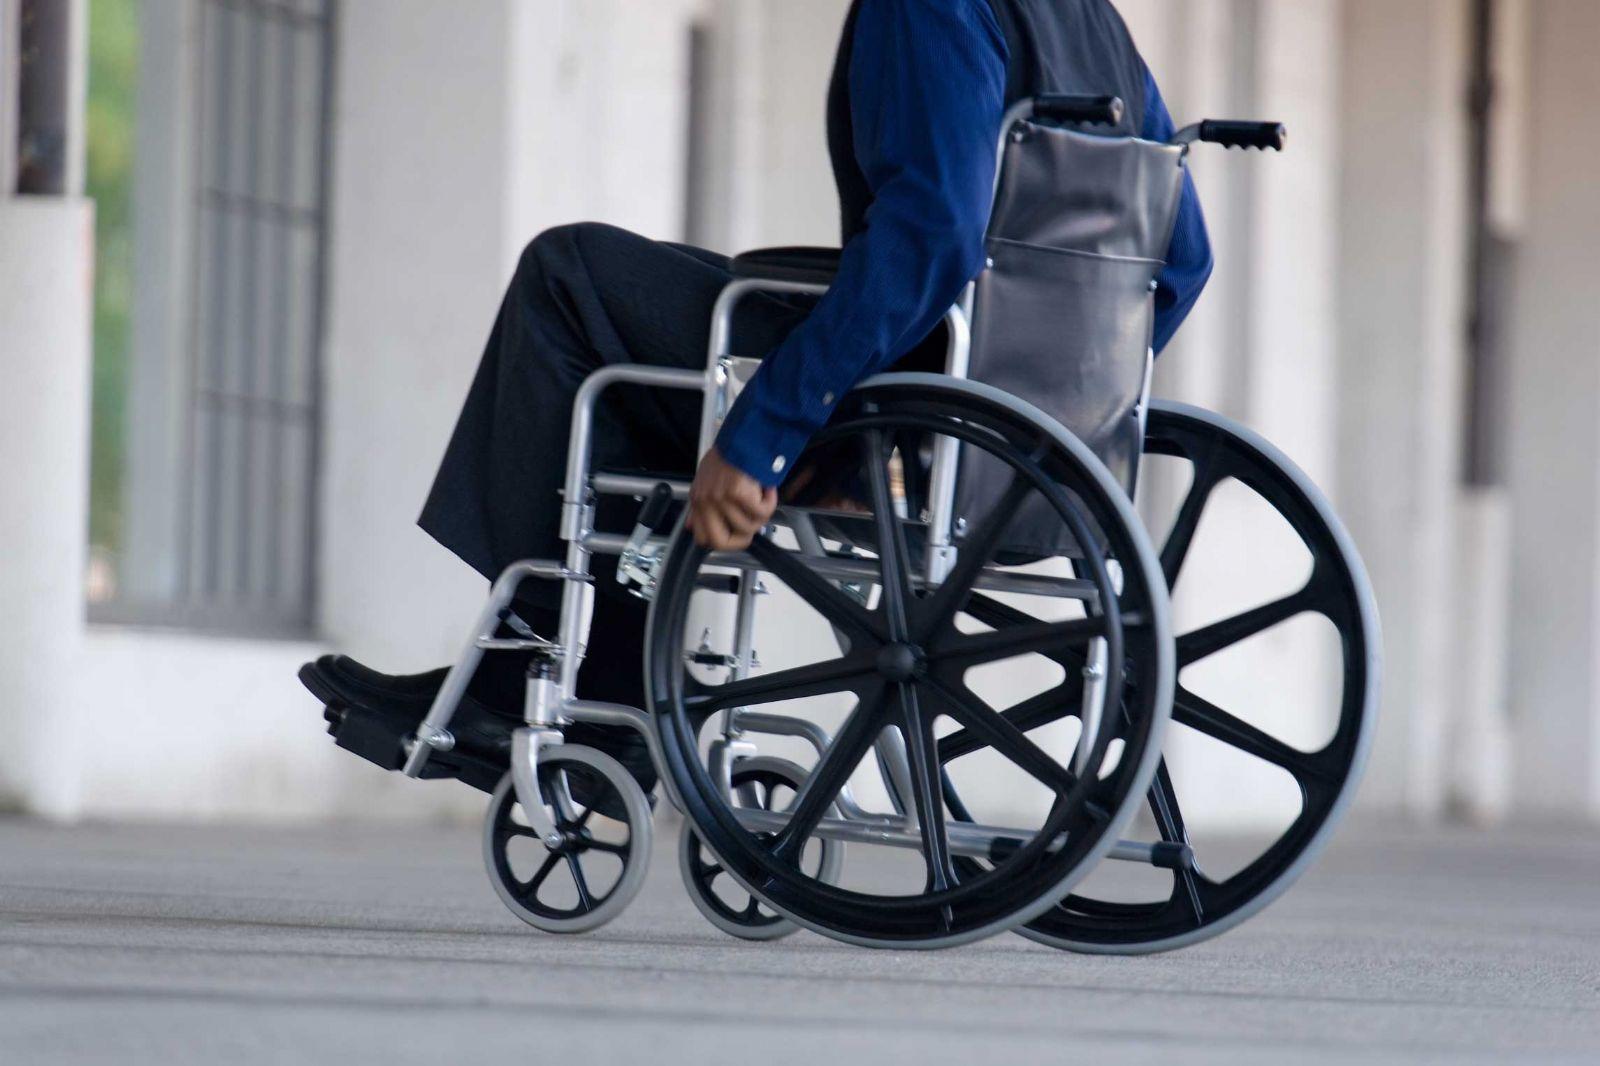 Gobierno admite error en quita de pensiones y promete reestablecerlas